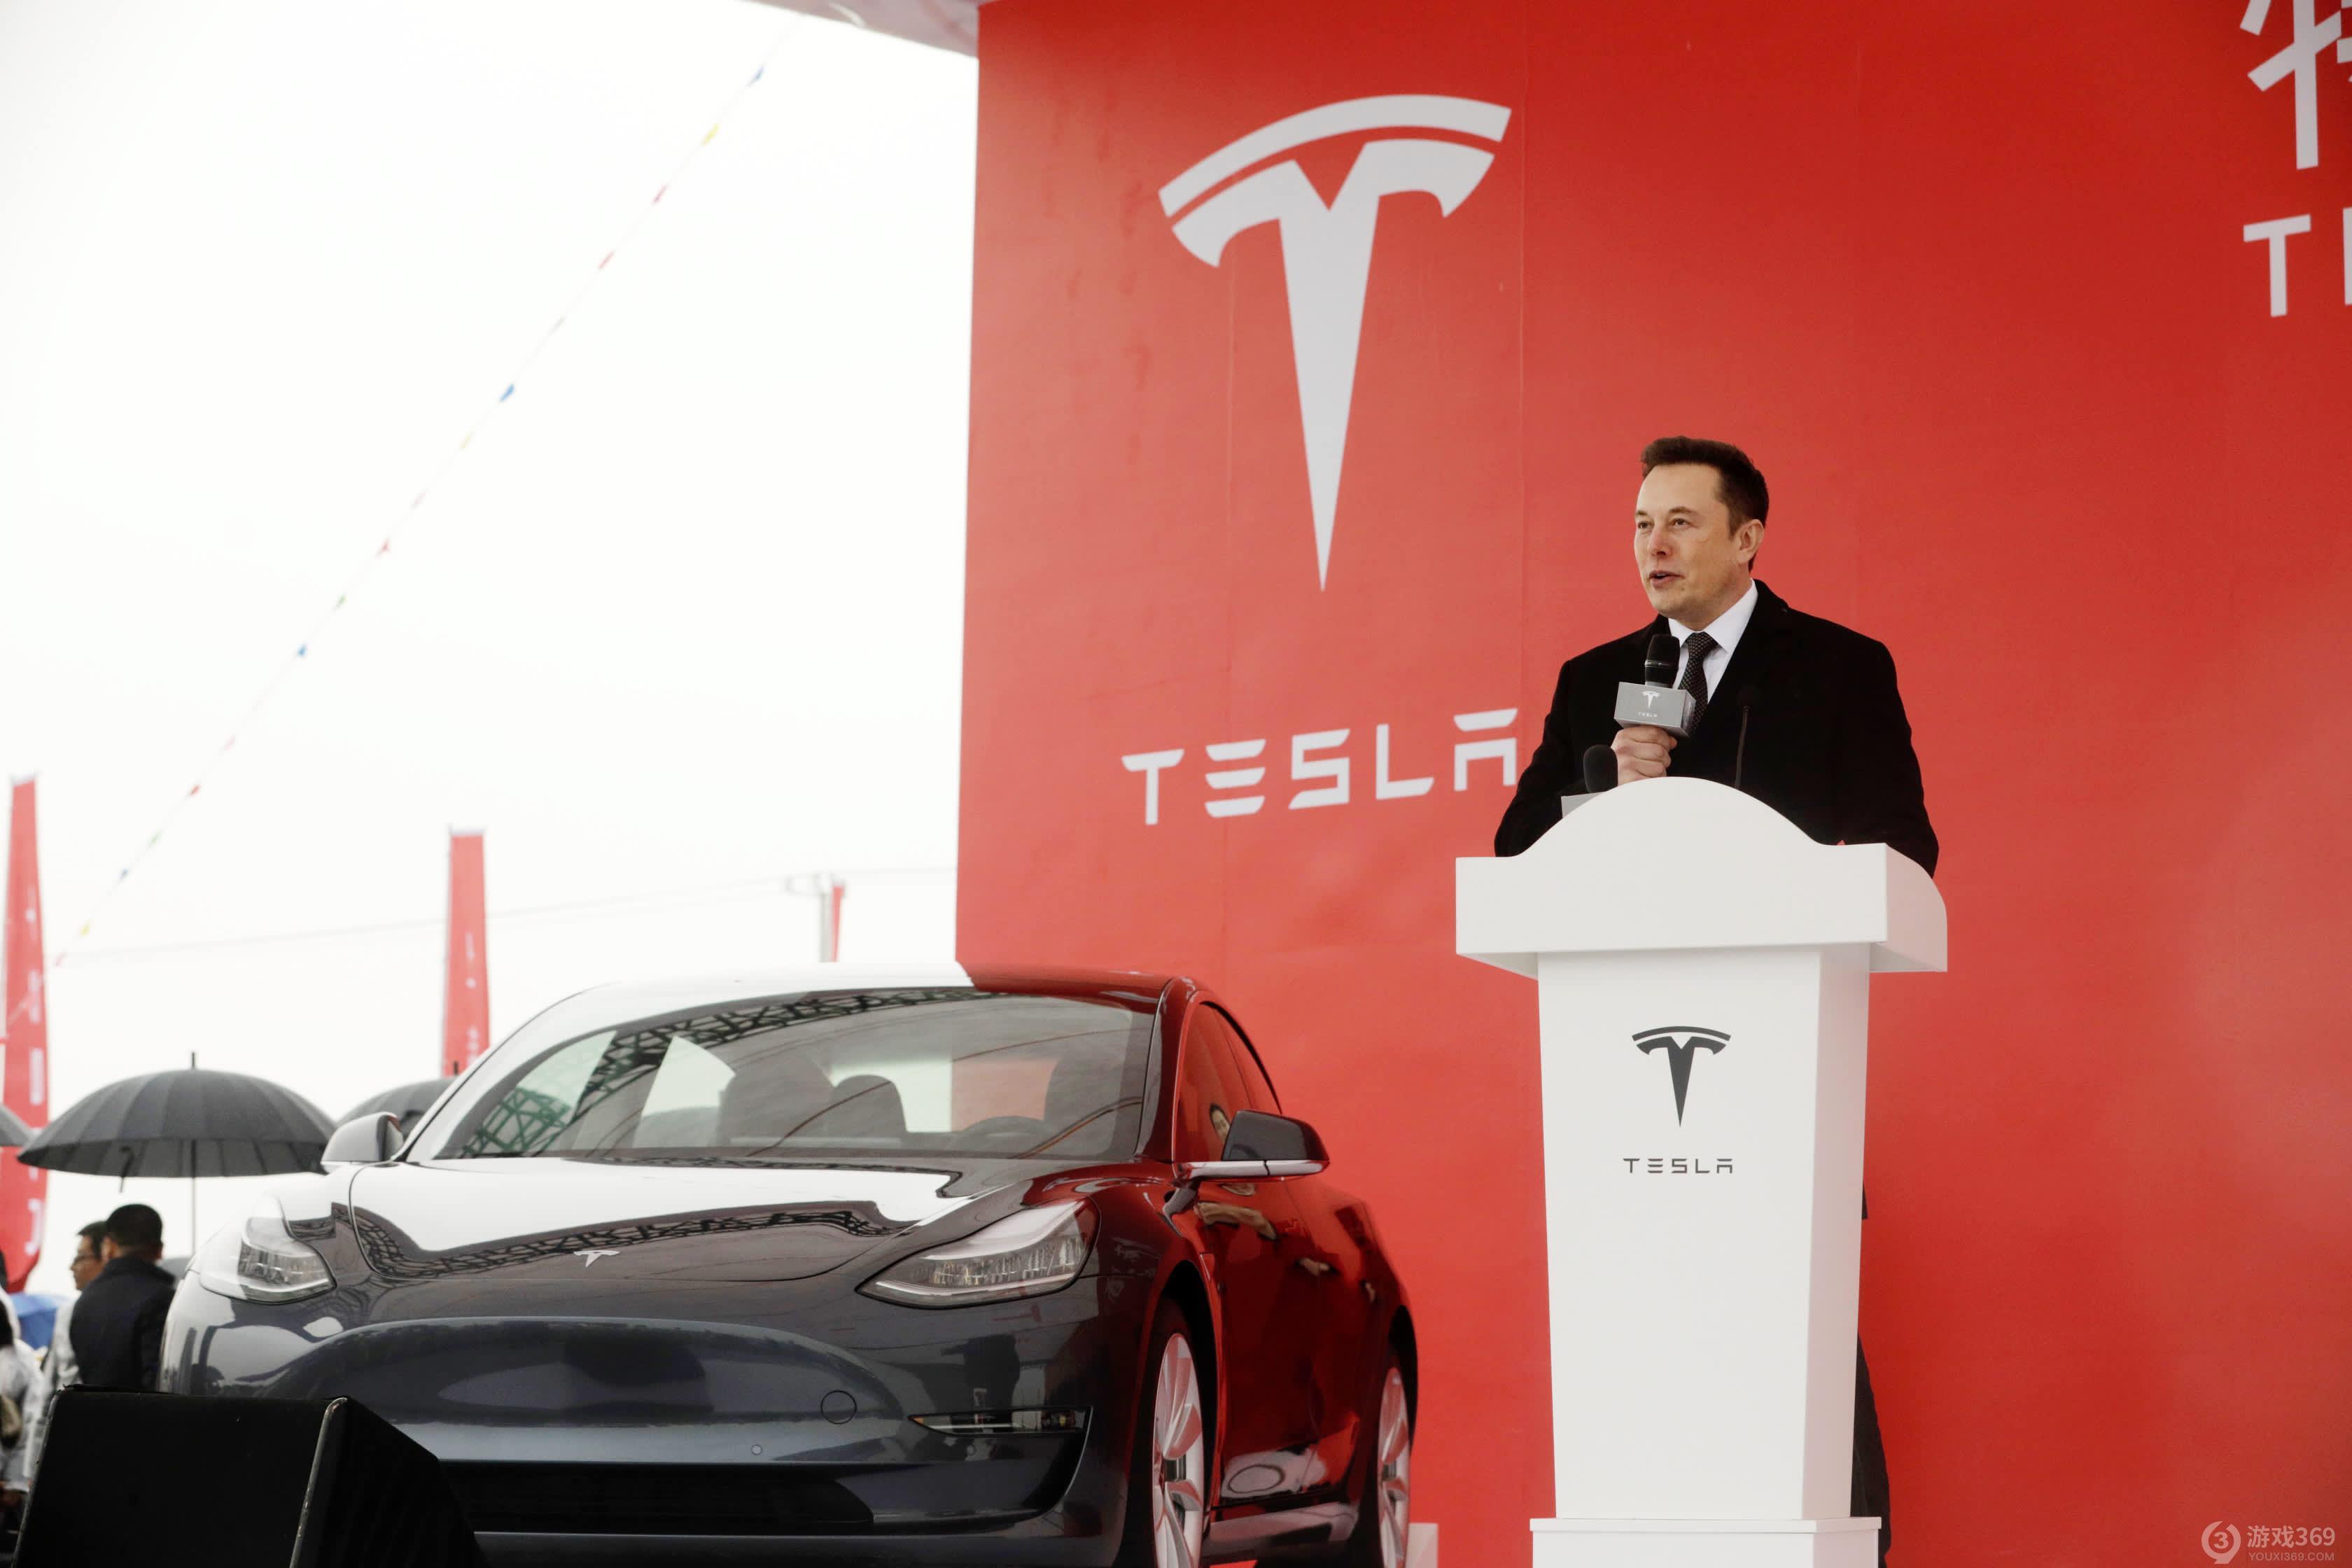 特斯拉CEO埃隆·马斯克成为全球首富,超越了杰夫·贝索斯